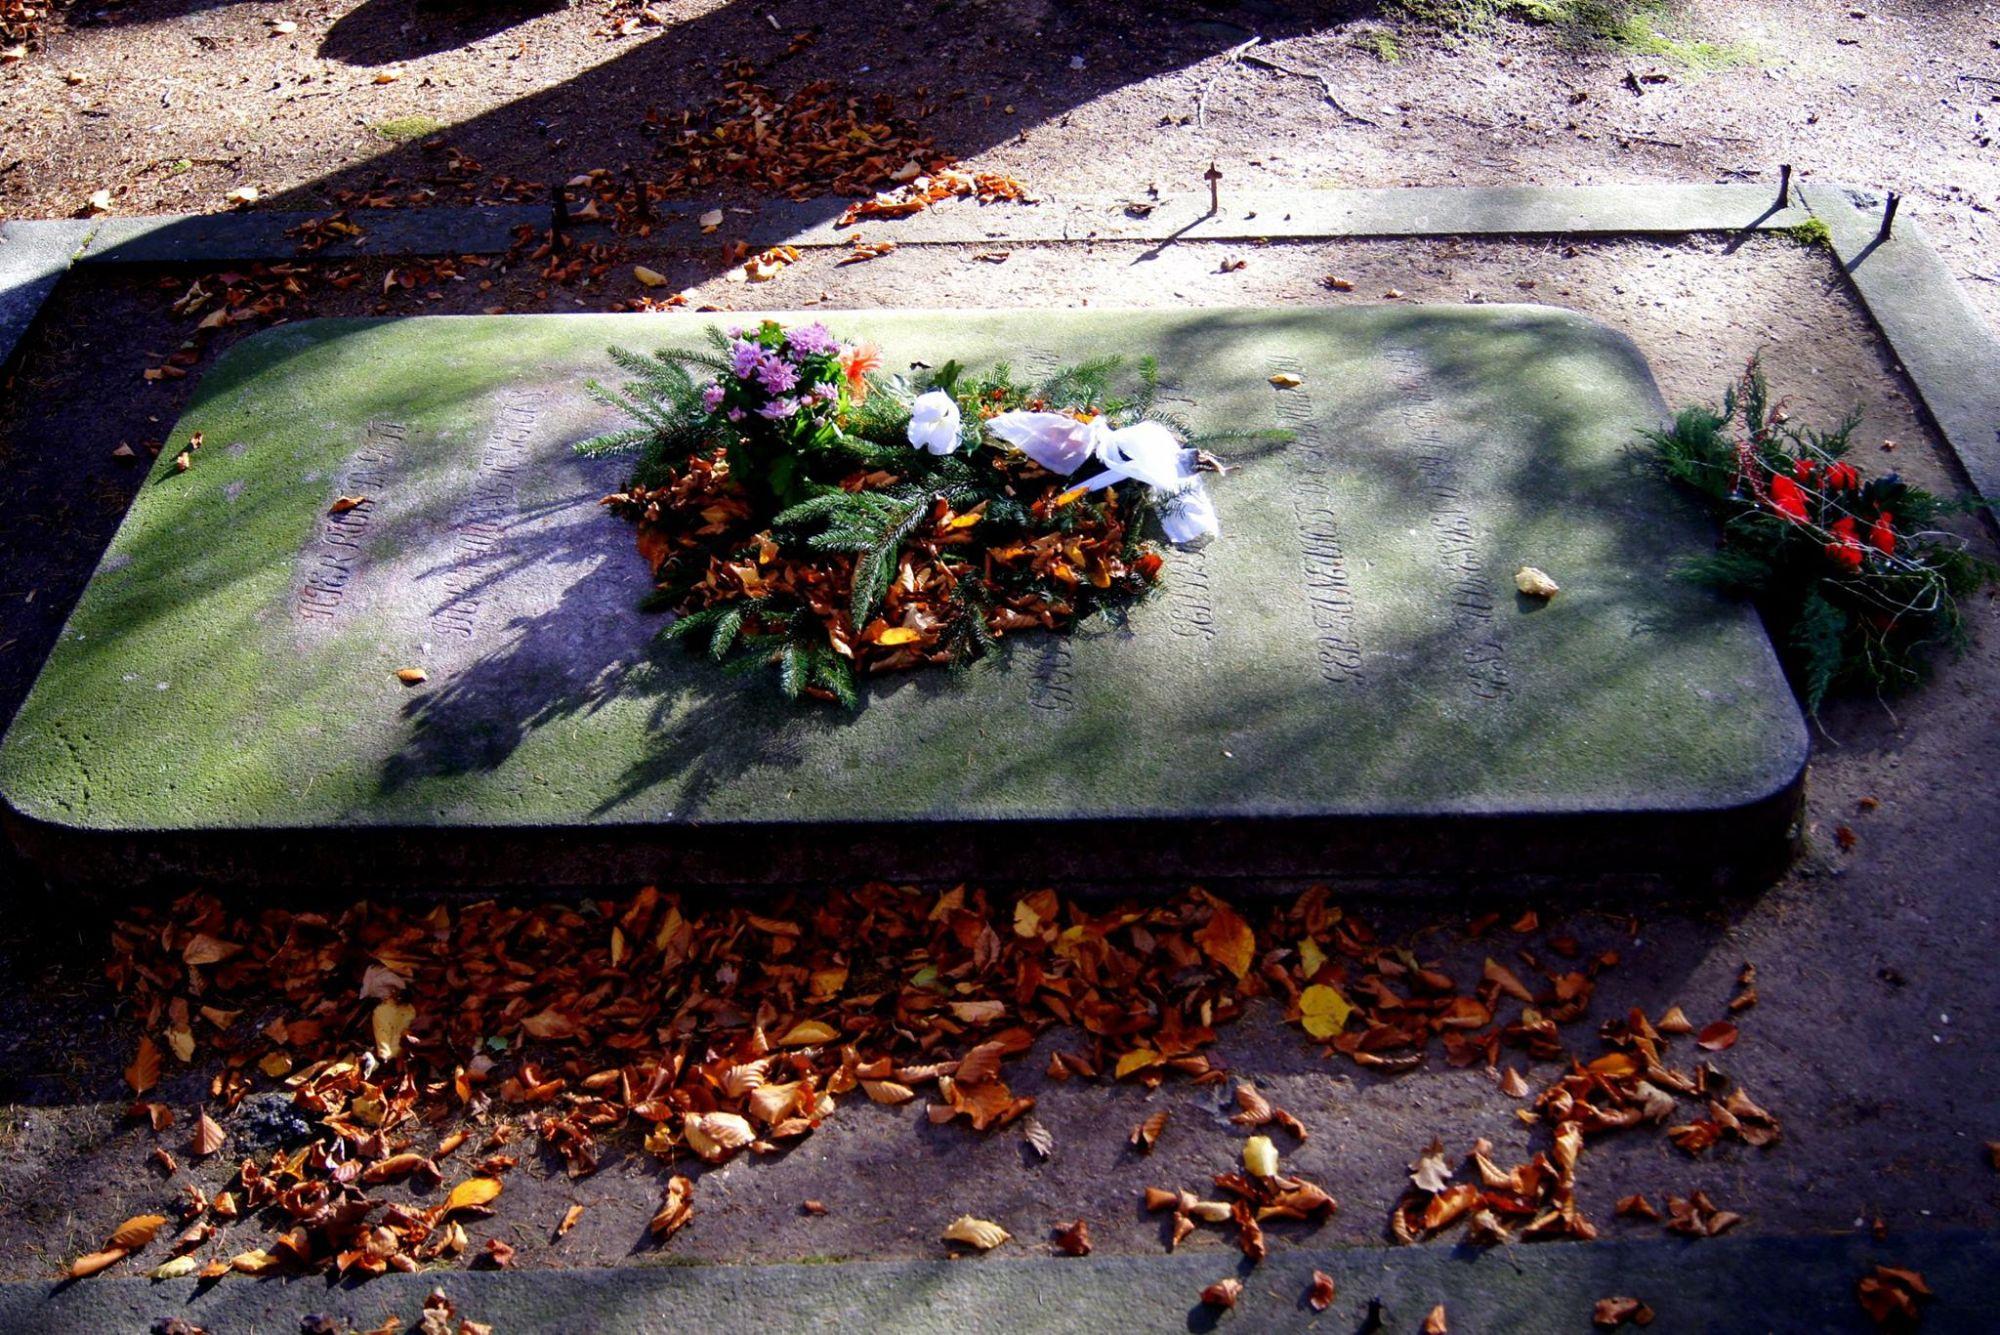 6. Grobowce Rodziny von Reuss w Kowarach